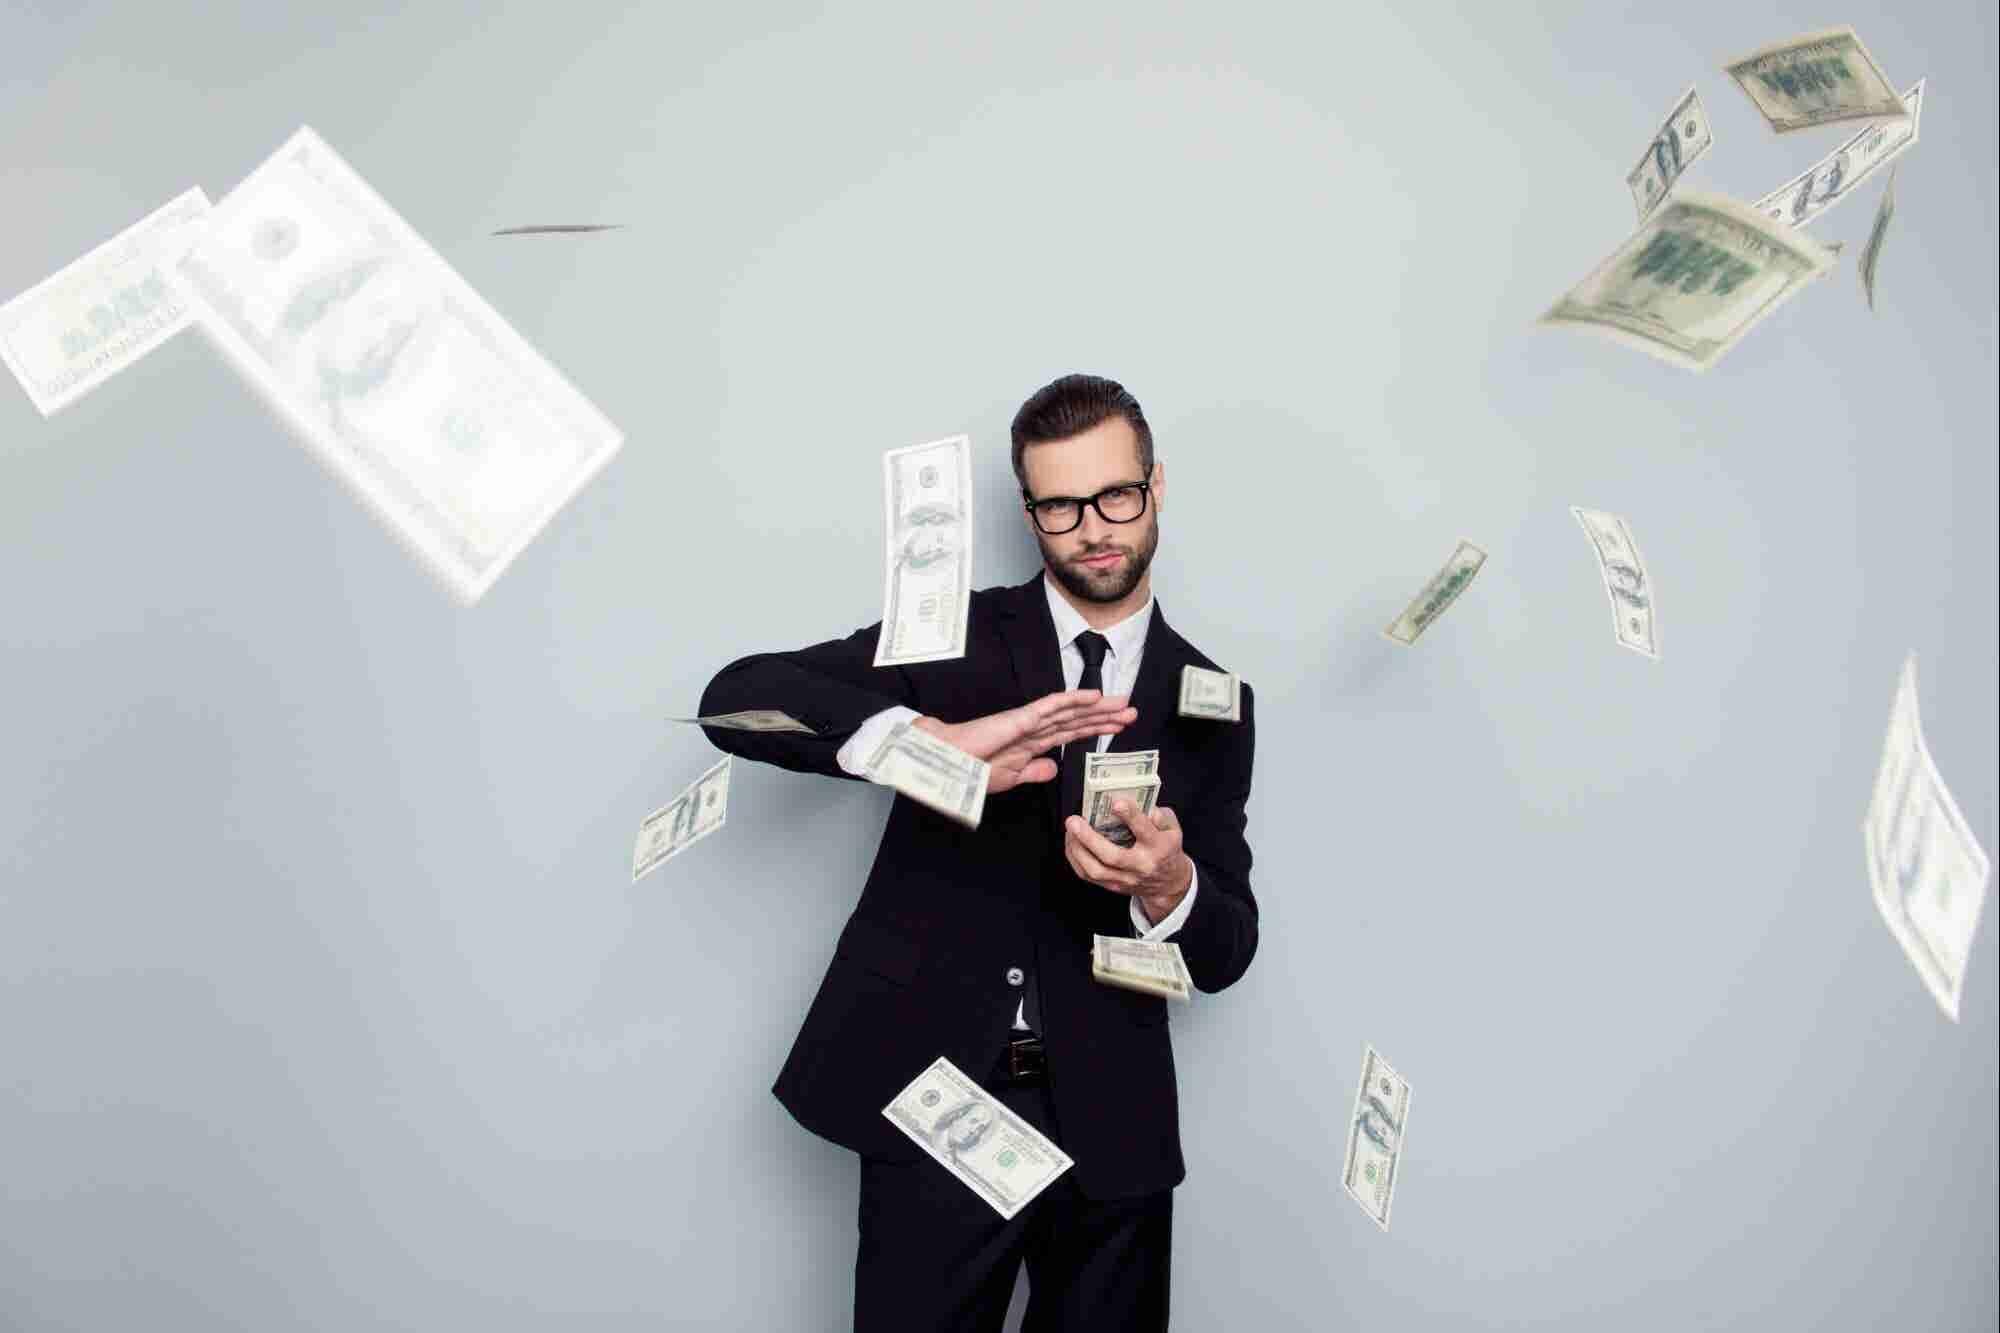 Los 5 factores básicos que distinguen a los 'multimillonarios' de los 'millonarios'